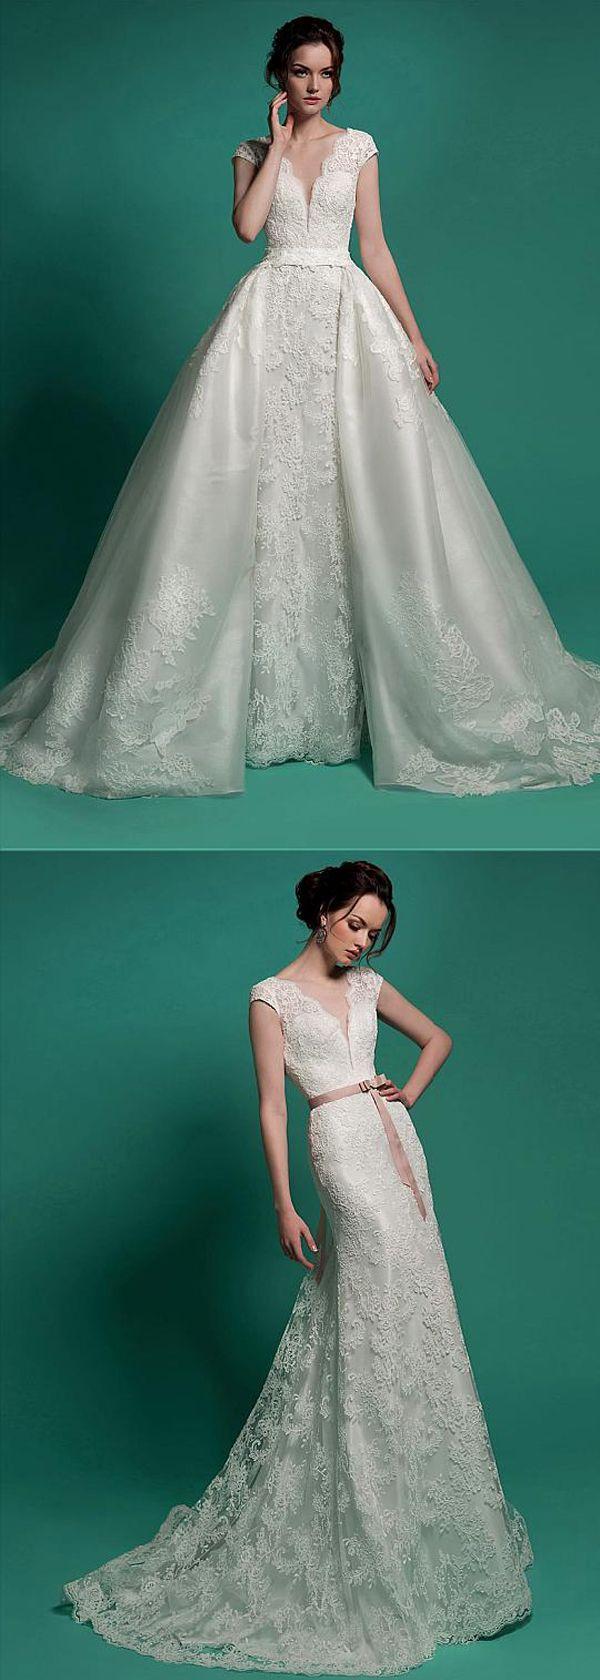 Marvelous Lace V-neck Neckline 2 in 1 Wedding Dresses | Mag Bridal ...